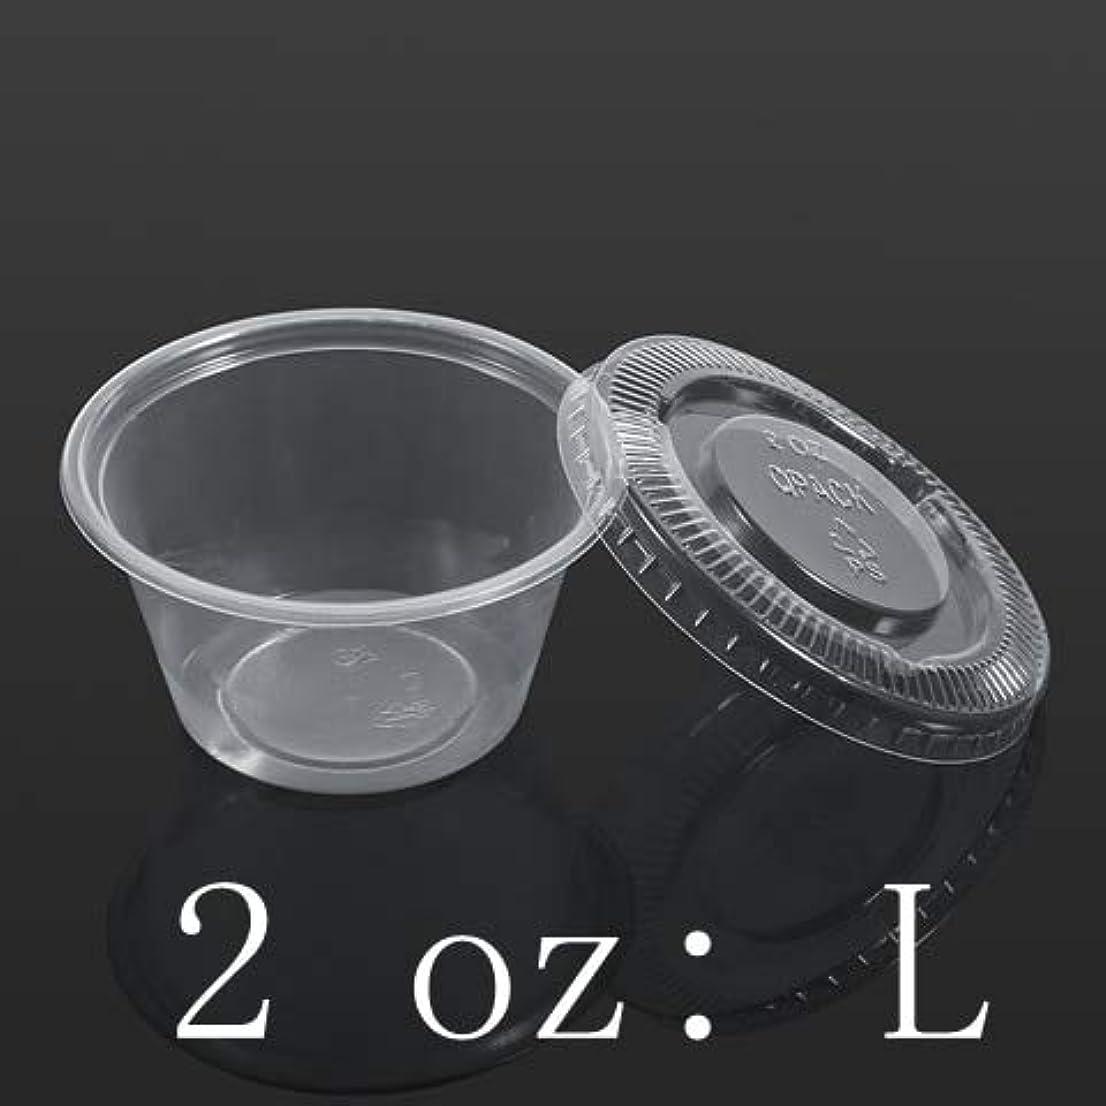 味わう小競り合いロボットMaxcrestas - 蓋食品テイクアウトでMaxcrestas - 50pcsの醤油カップ使い捨てのプラスチック製のクリアソースチャツネカップボックス